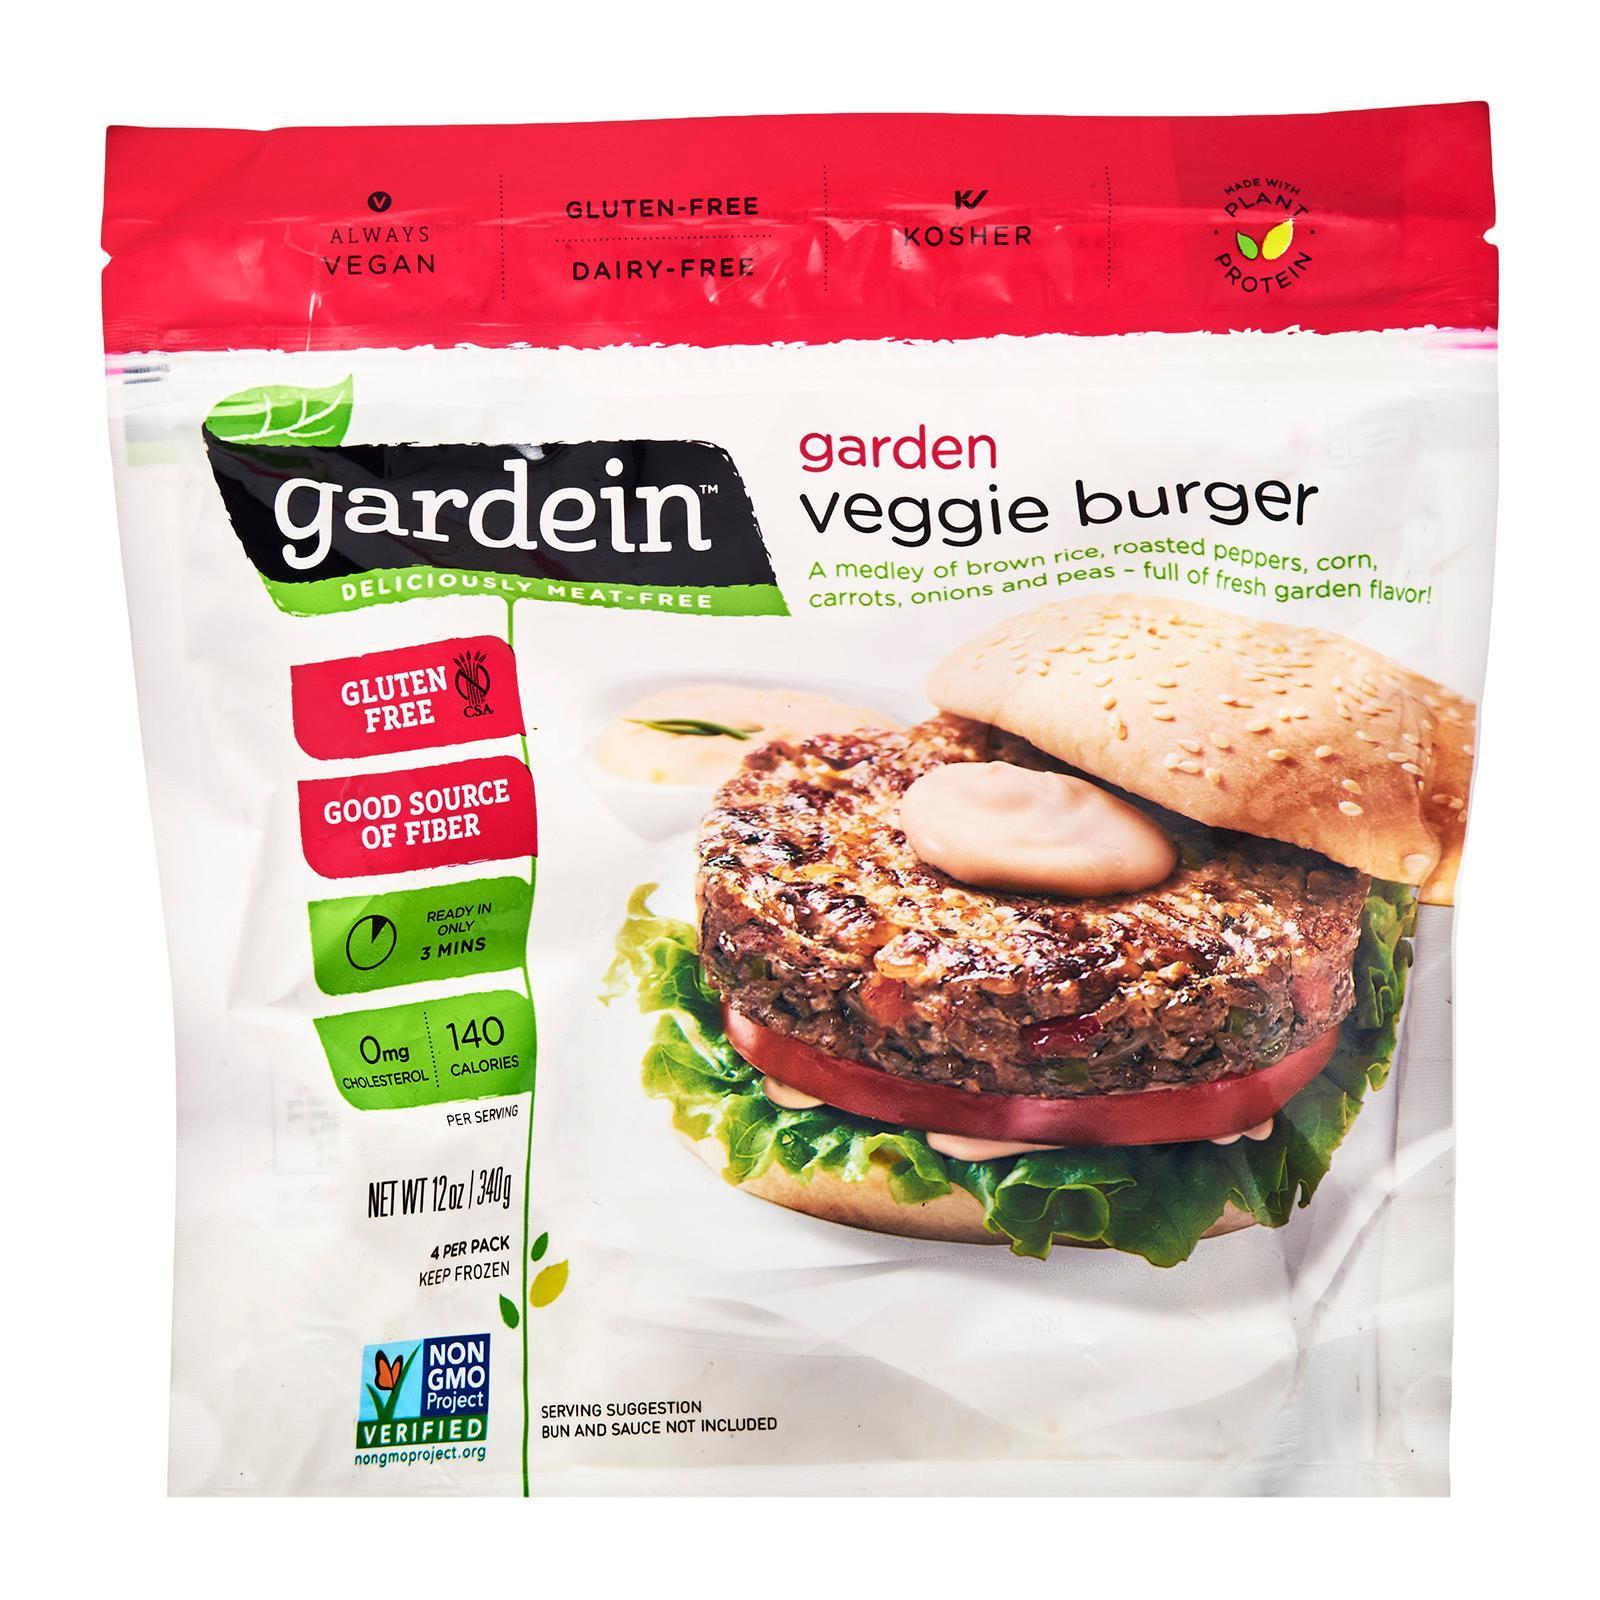 Gardein Gluten Free Vegetarian Garden Veggie Burger - Frozen